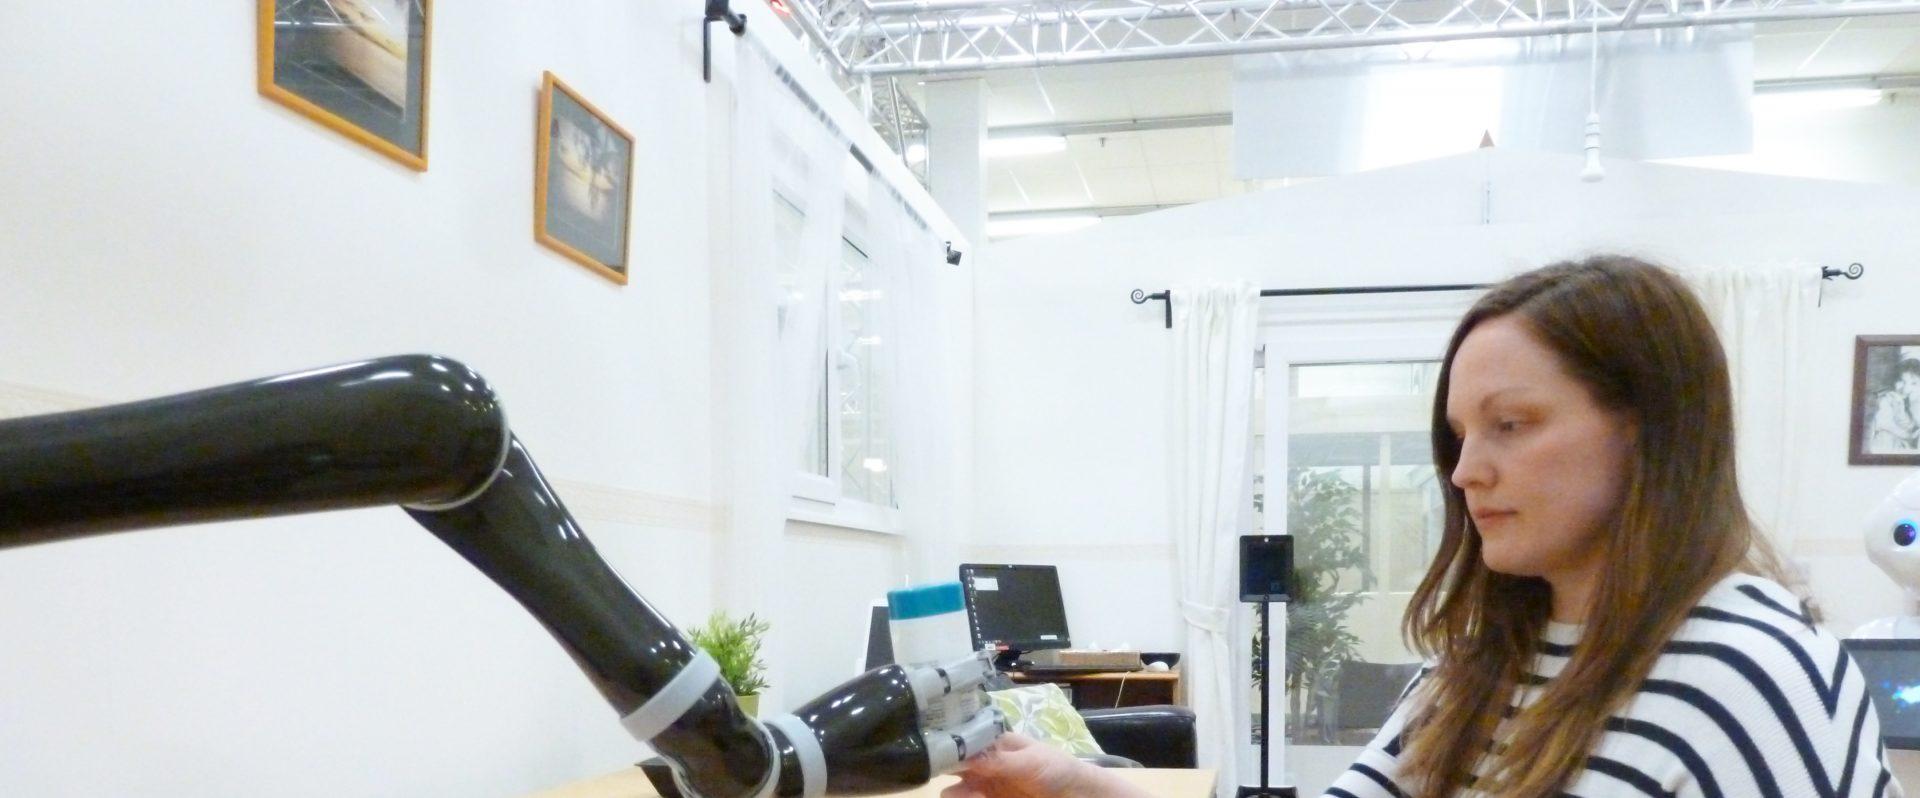 A robotic arm handing a woman an object